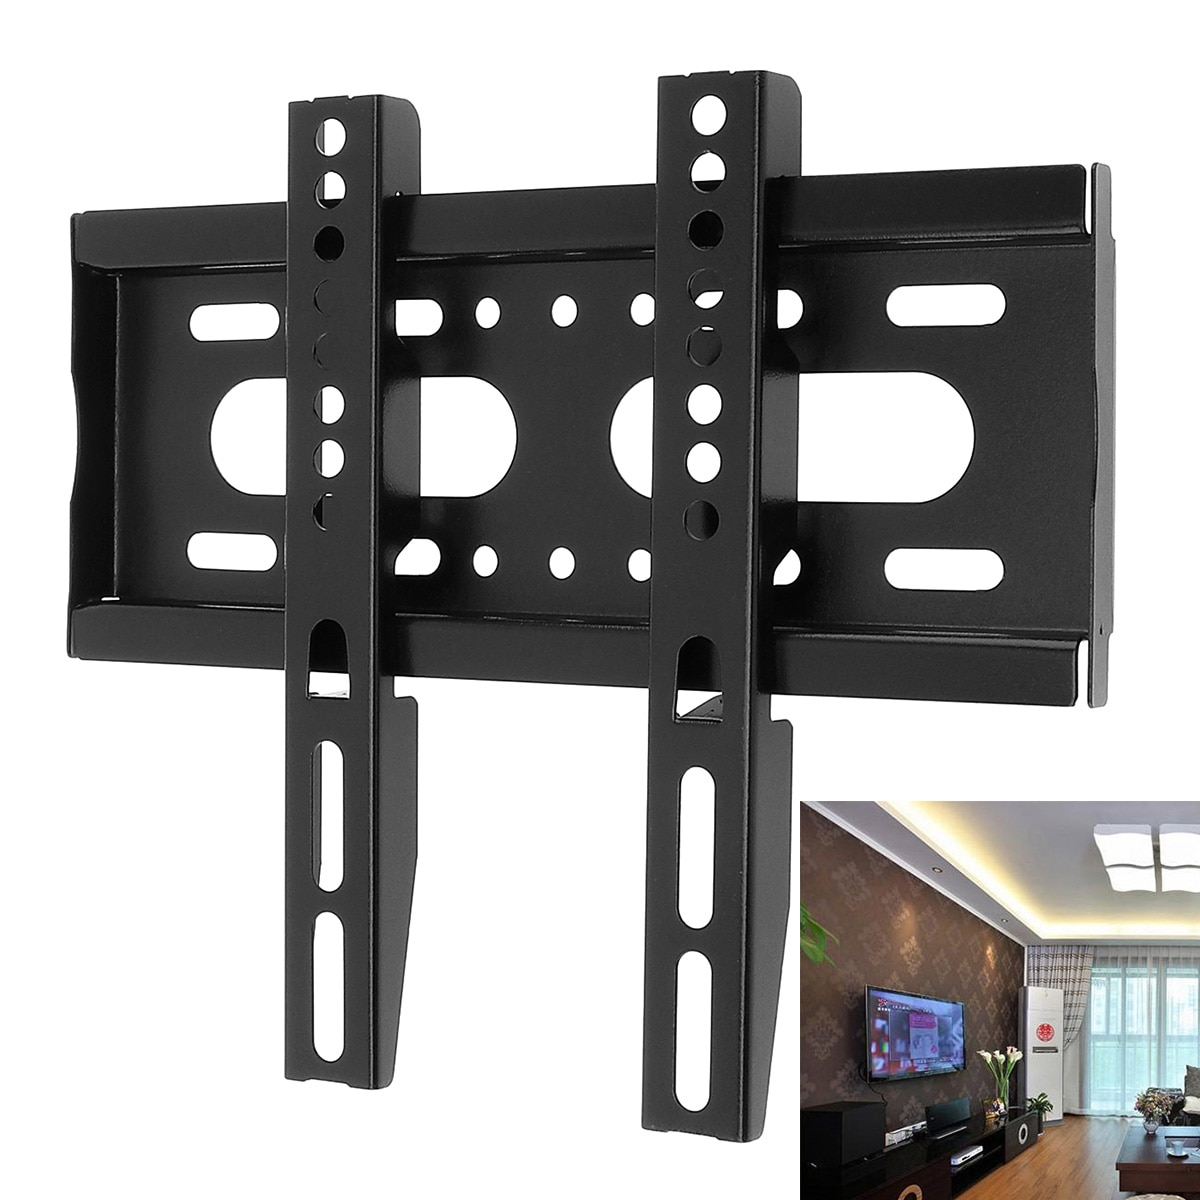 1 Pc Universal 25KG de TV soporte de montaje en pared fija TV de Panel plano de tipo fijo de 14 - 42 pulgadas LCD Monitor LED de Panel plano